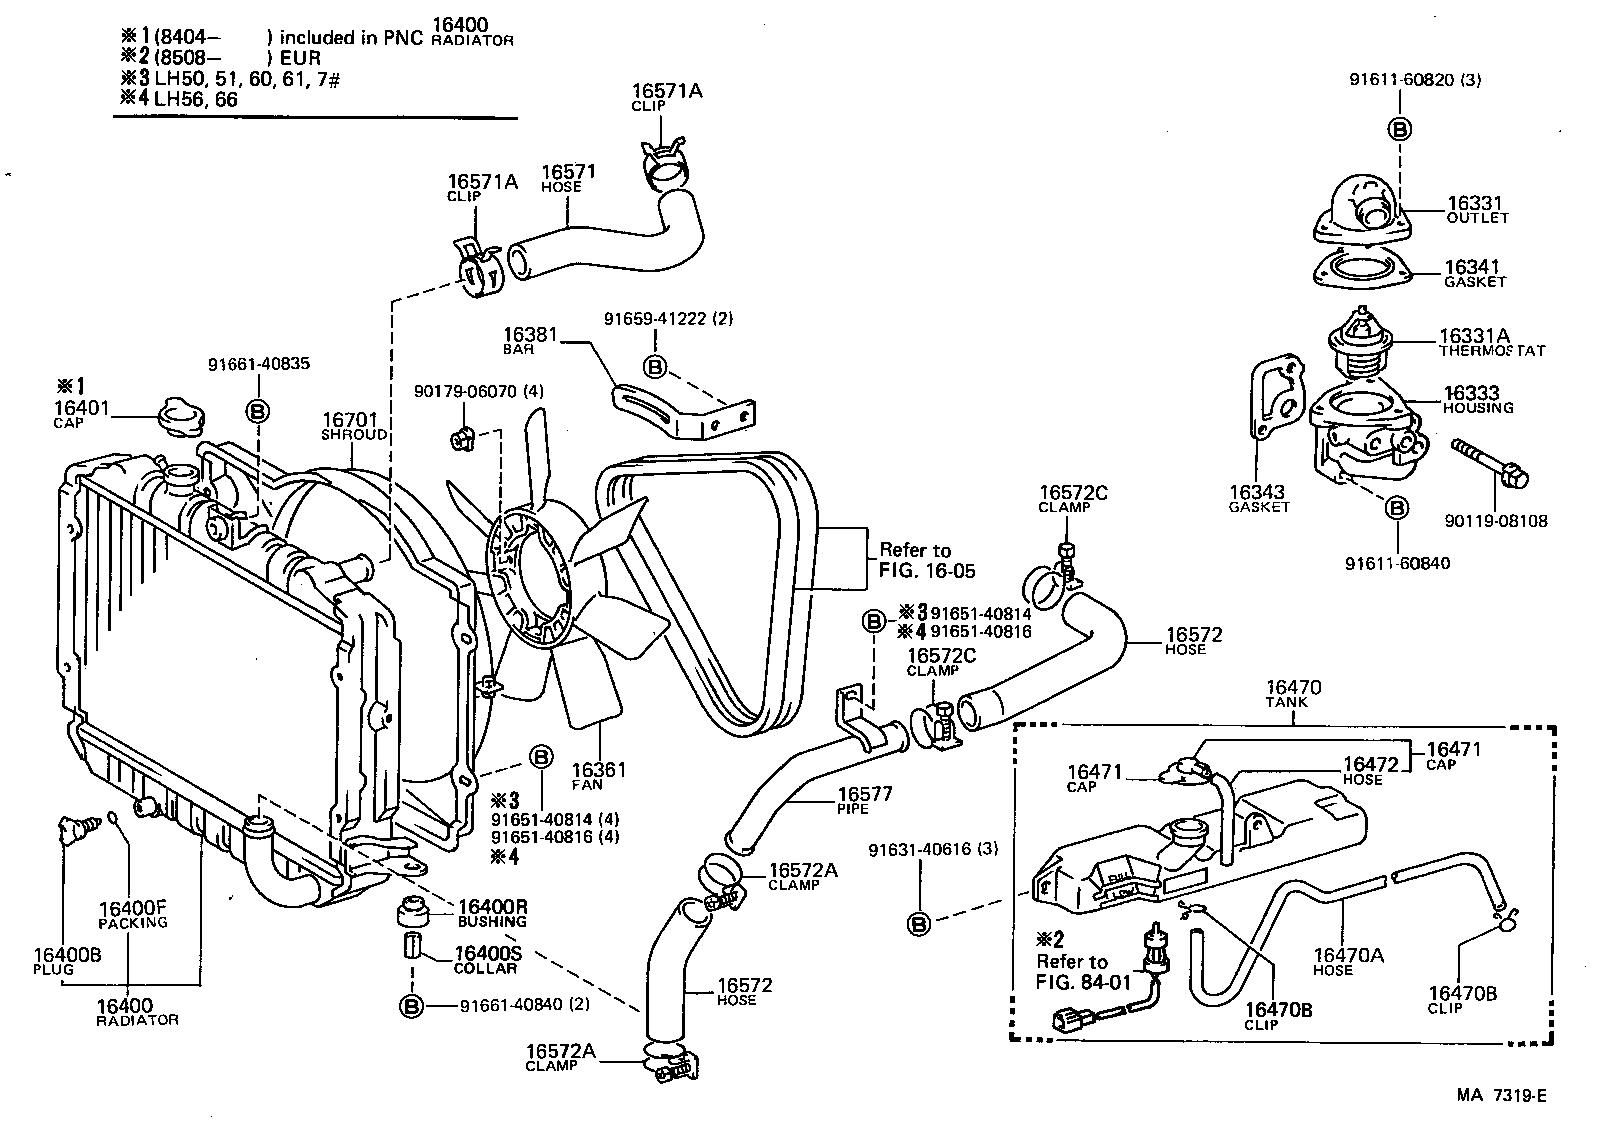 toyota hiace van comuterlh51lb-qr - tool-engine-fuel